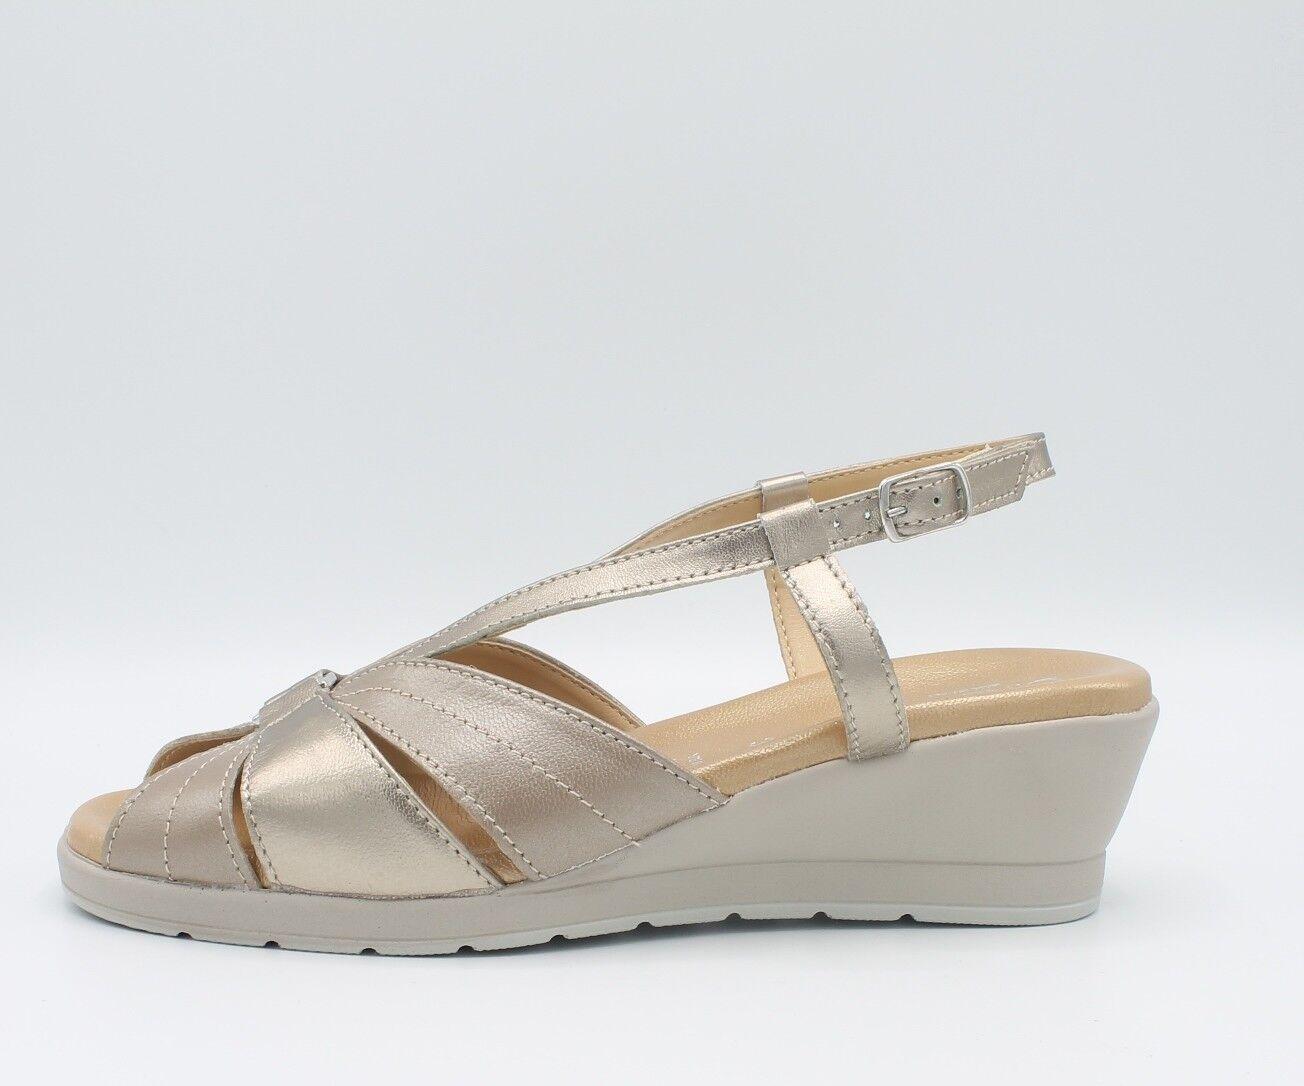 CINZIA SOFT Frauenschuhe Sandalen linea komfortabel IO803 IO803 IO803 aus Leder Laminat Gold    Toy Story    Überlegen    Förderung  89def4